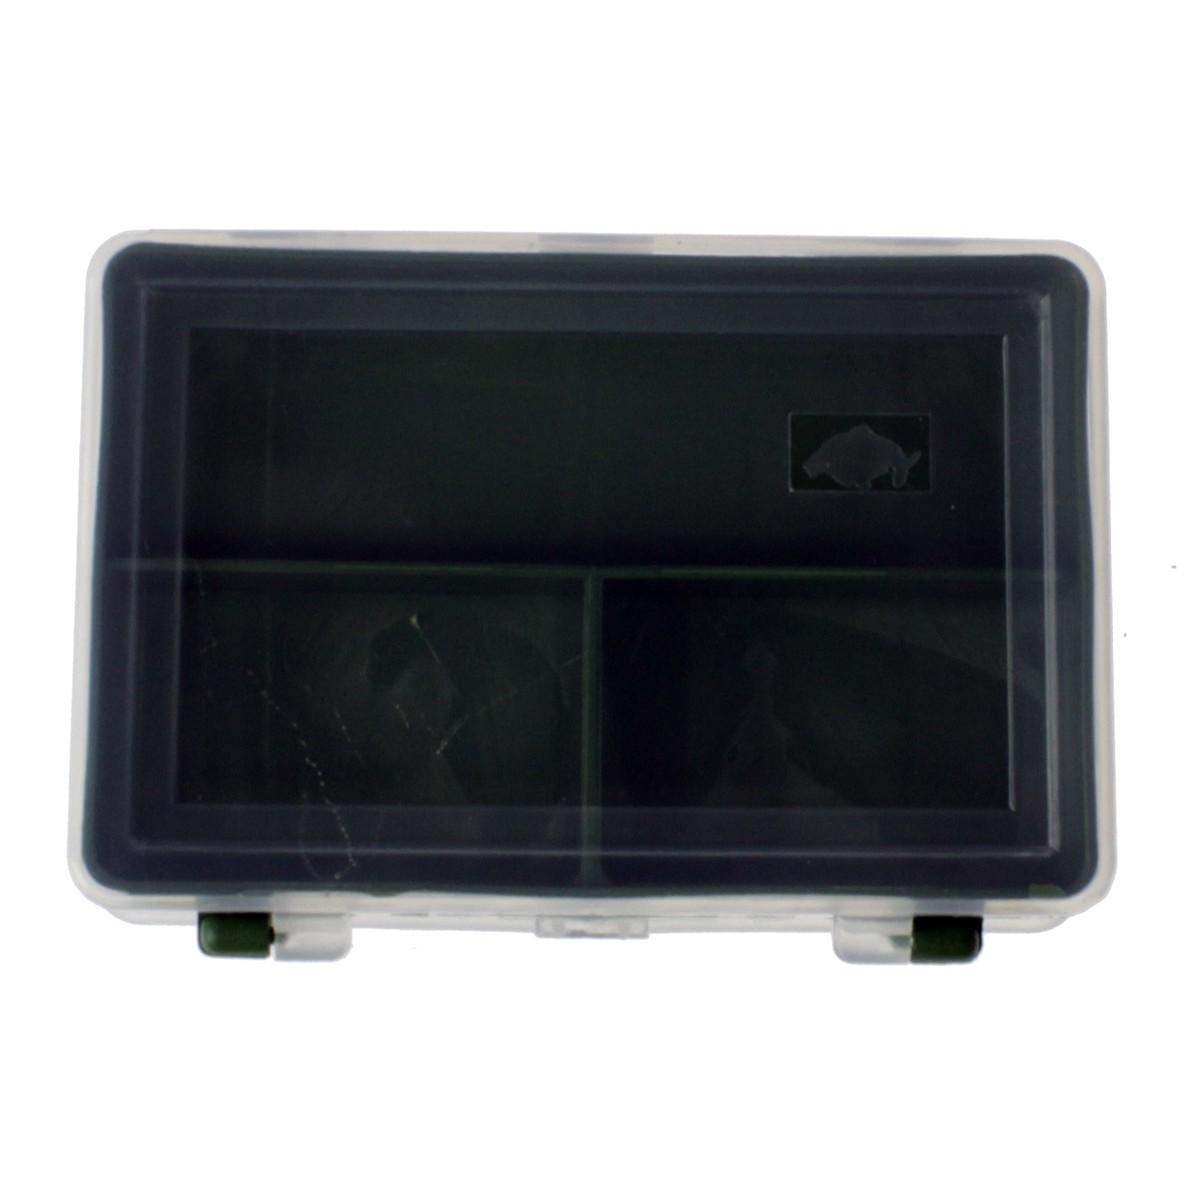 Кутия за принадлежности Bobi Fisher - двустранна